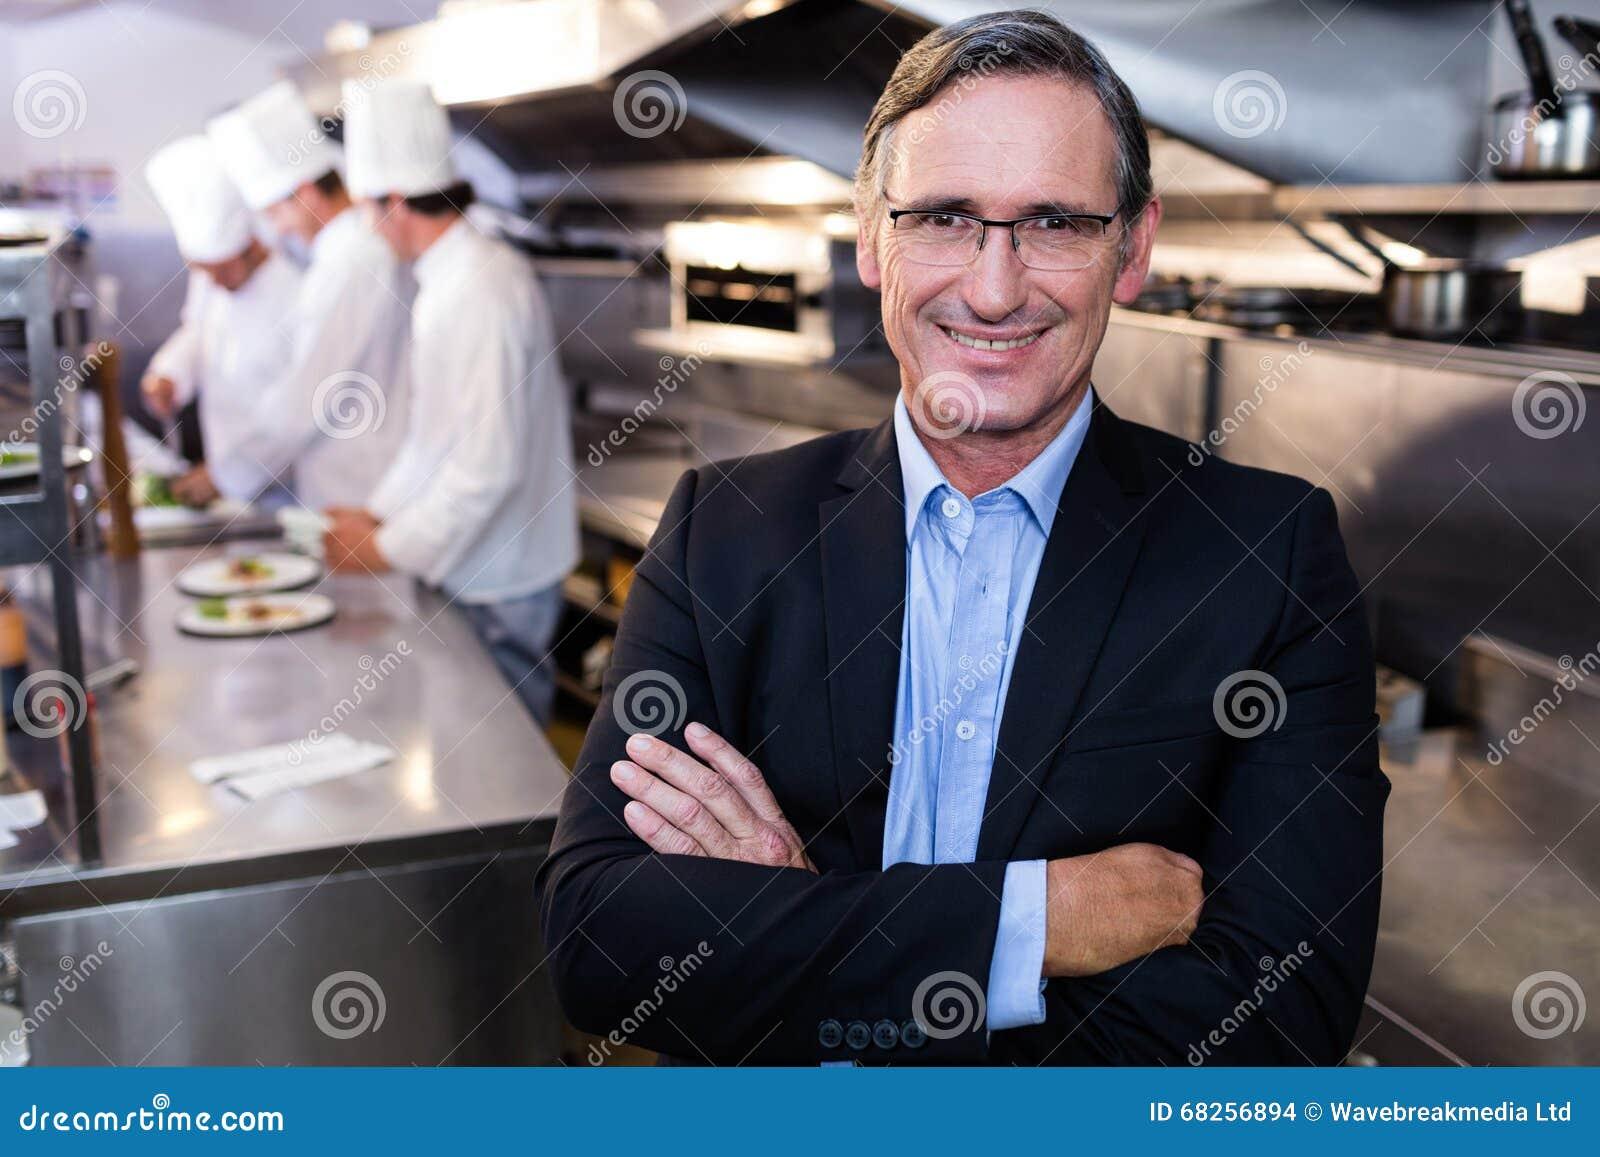 Manligt restaurangchefanseende med korsade armar